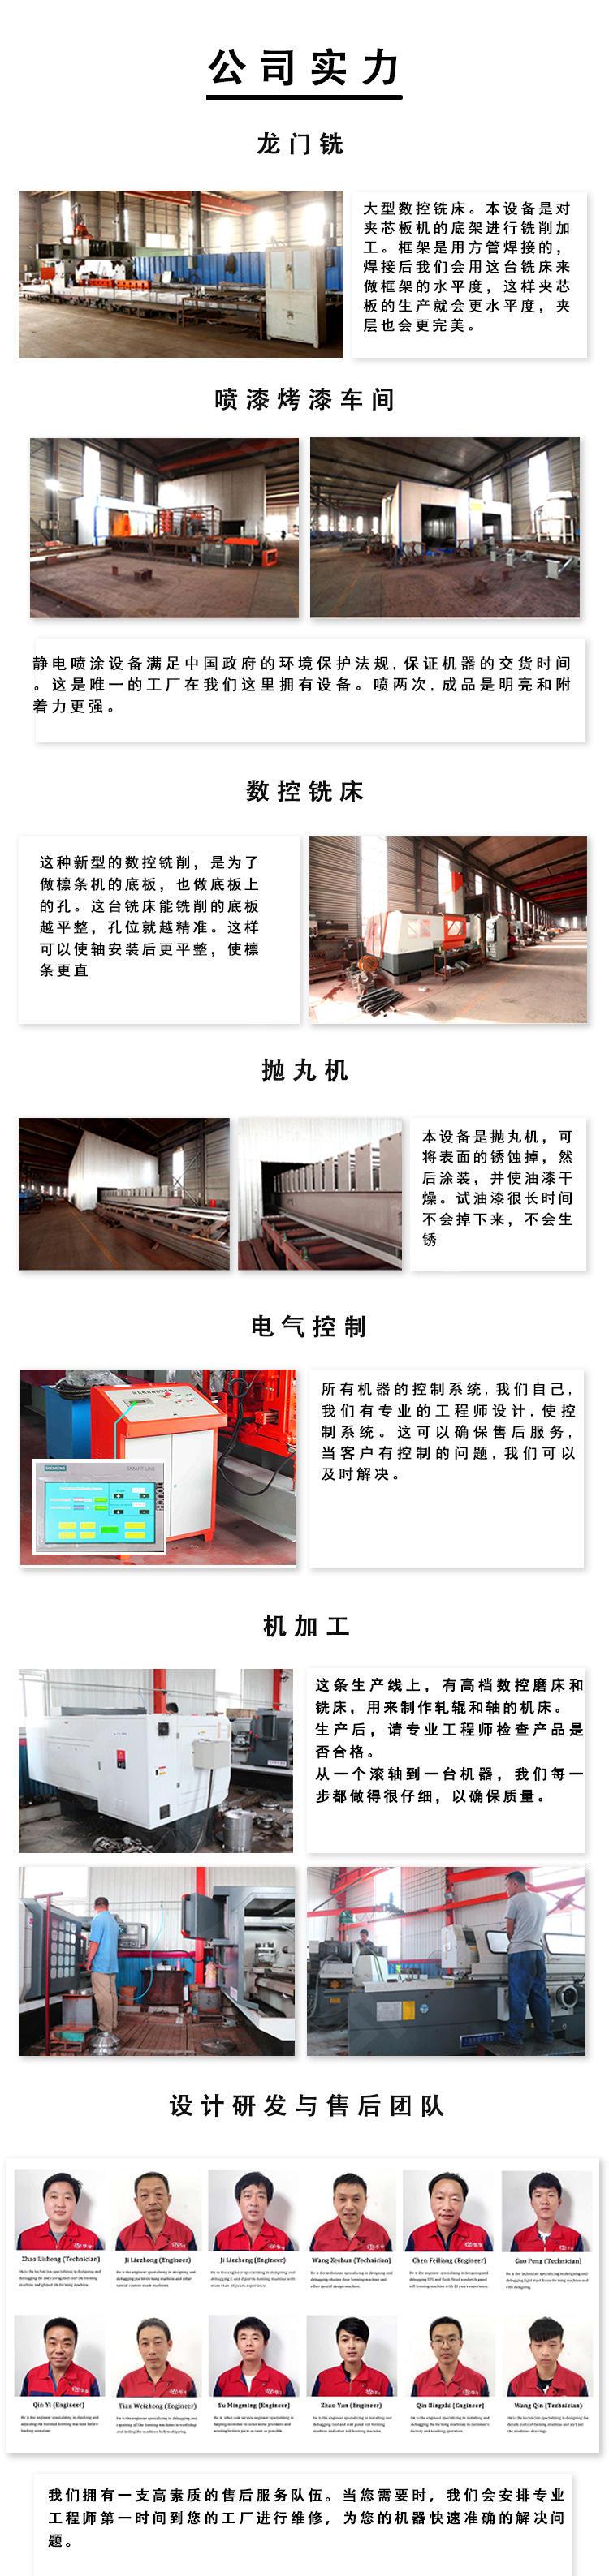 华宇压瓦机供应780横挂板机 大圆弧压瓦机 彩钢墙板成型设备示例图15